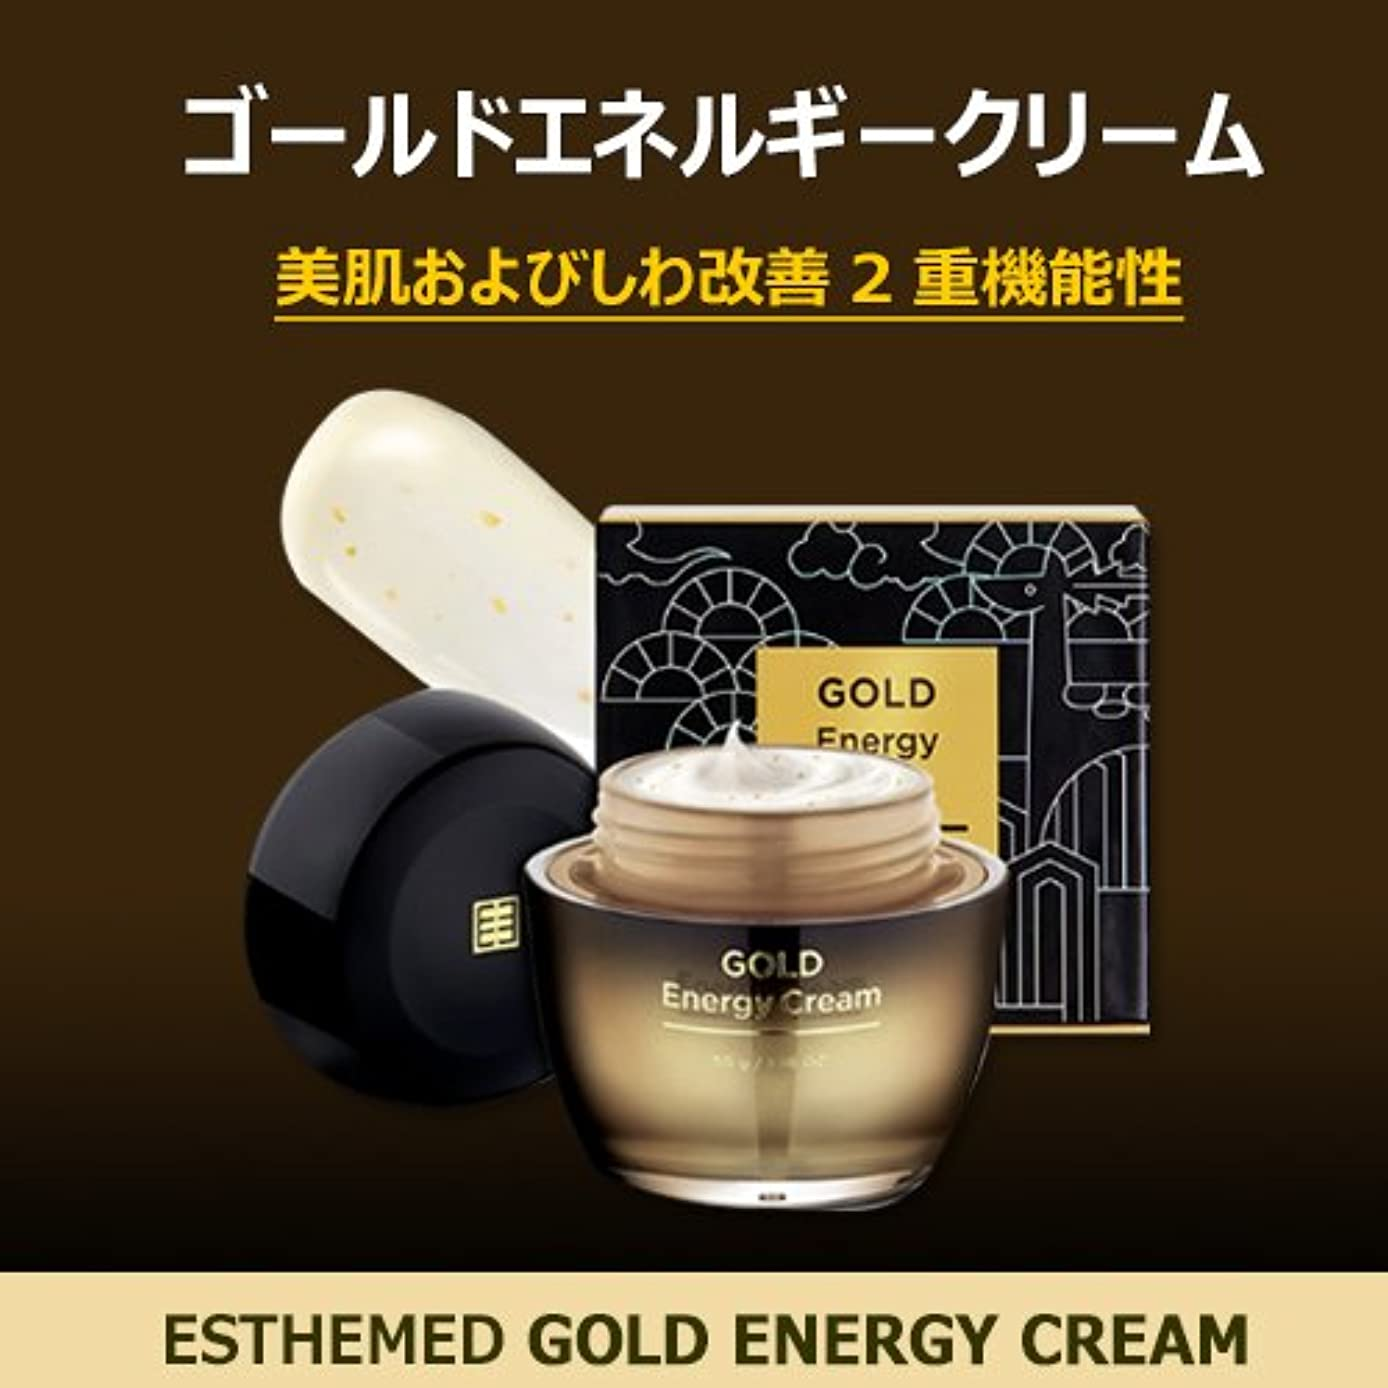 芸術的さらに処理するESTHEMED エステメド ゴールド エネルギー クリーム GOLD Energy Cream 50g 【 シワ改善 美肌 保湿 回復 韓国コスメ 】